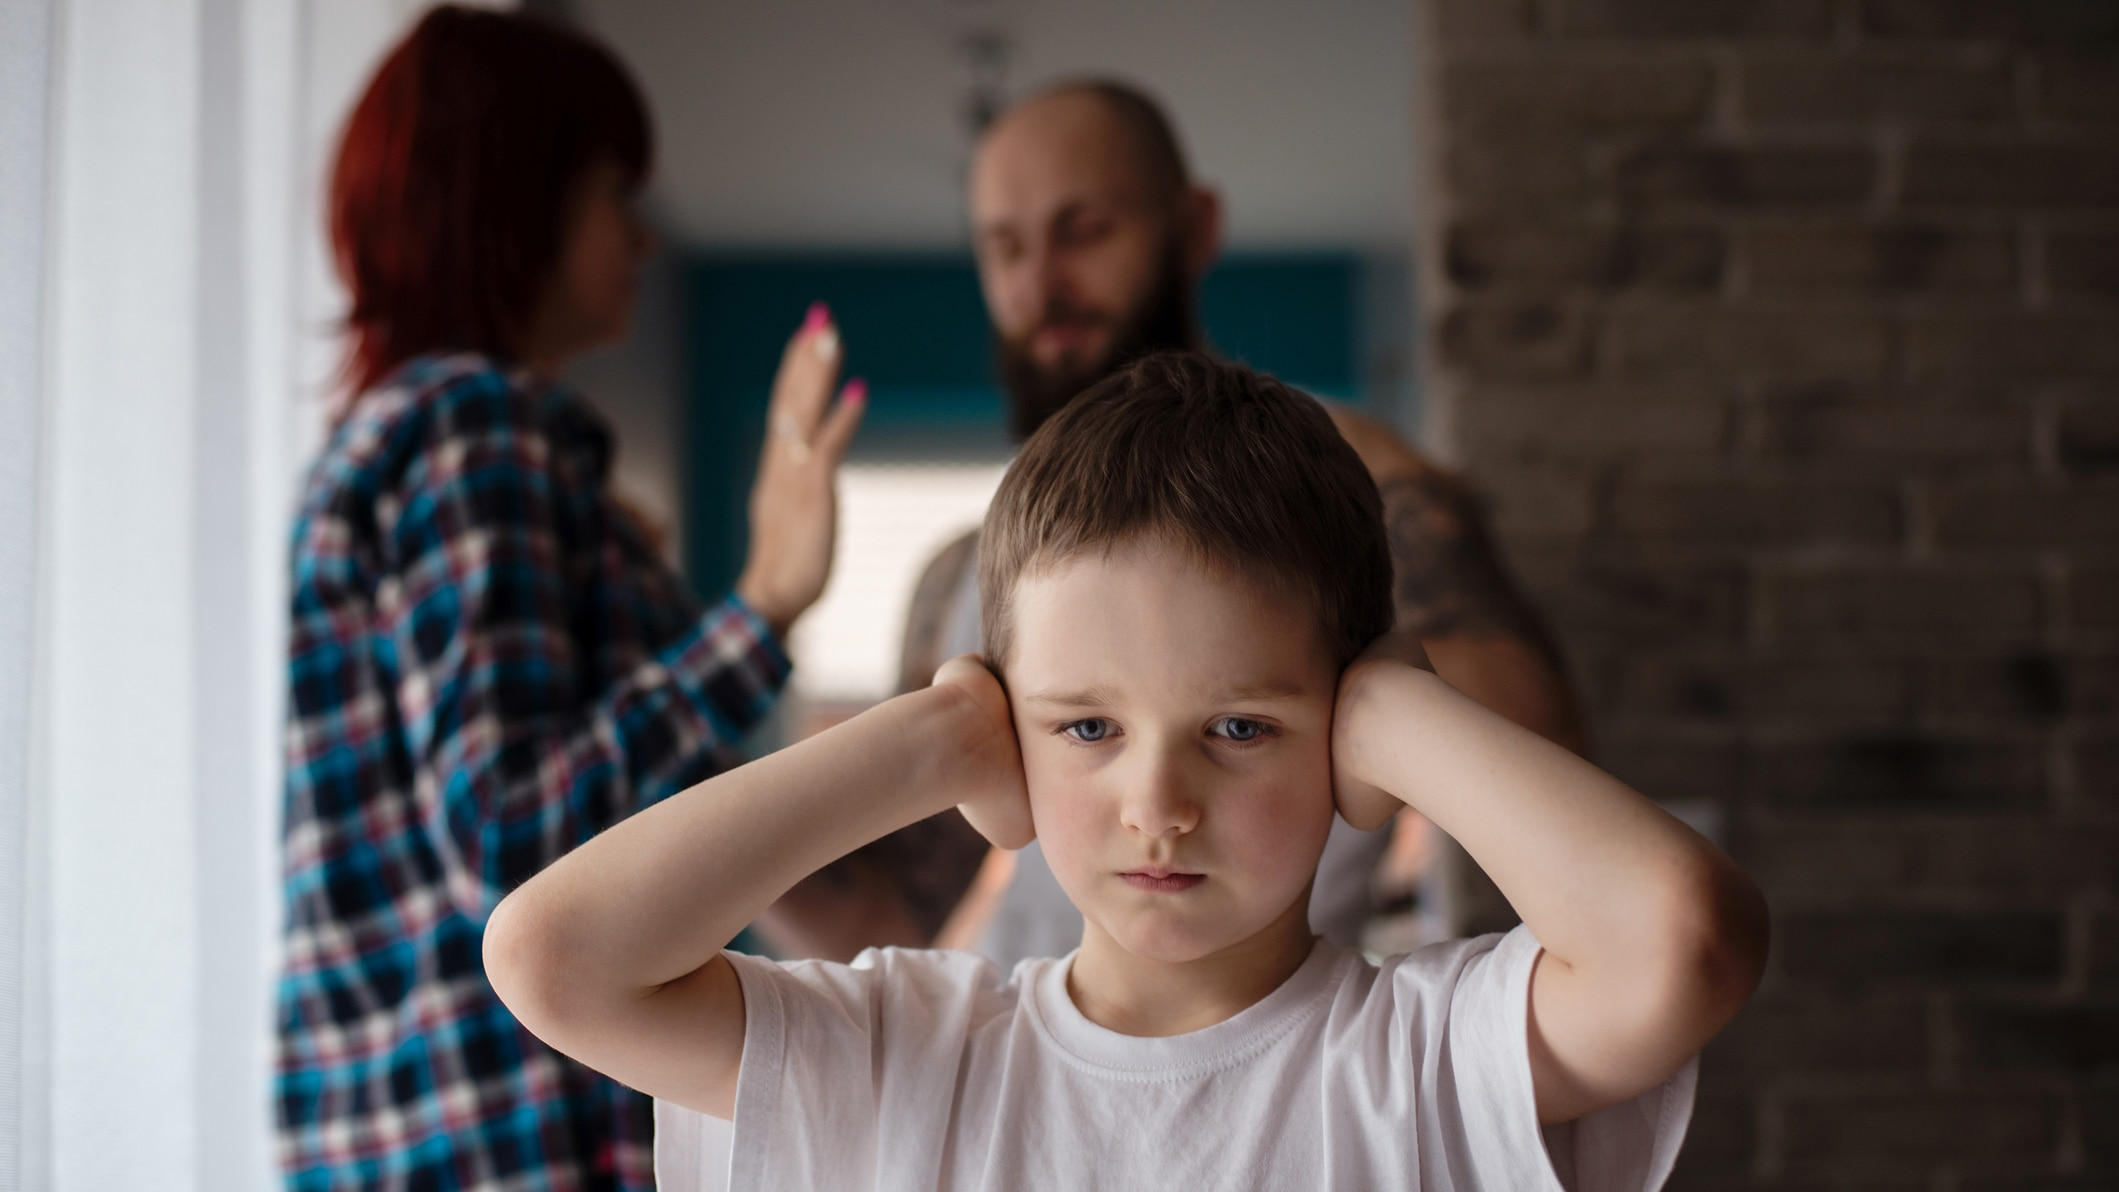 Un niño se tapa los oídos mientras dos personas discuten detrás.